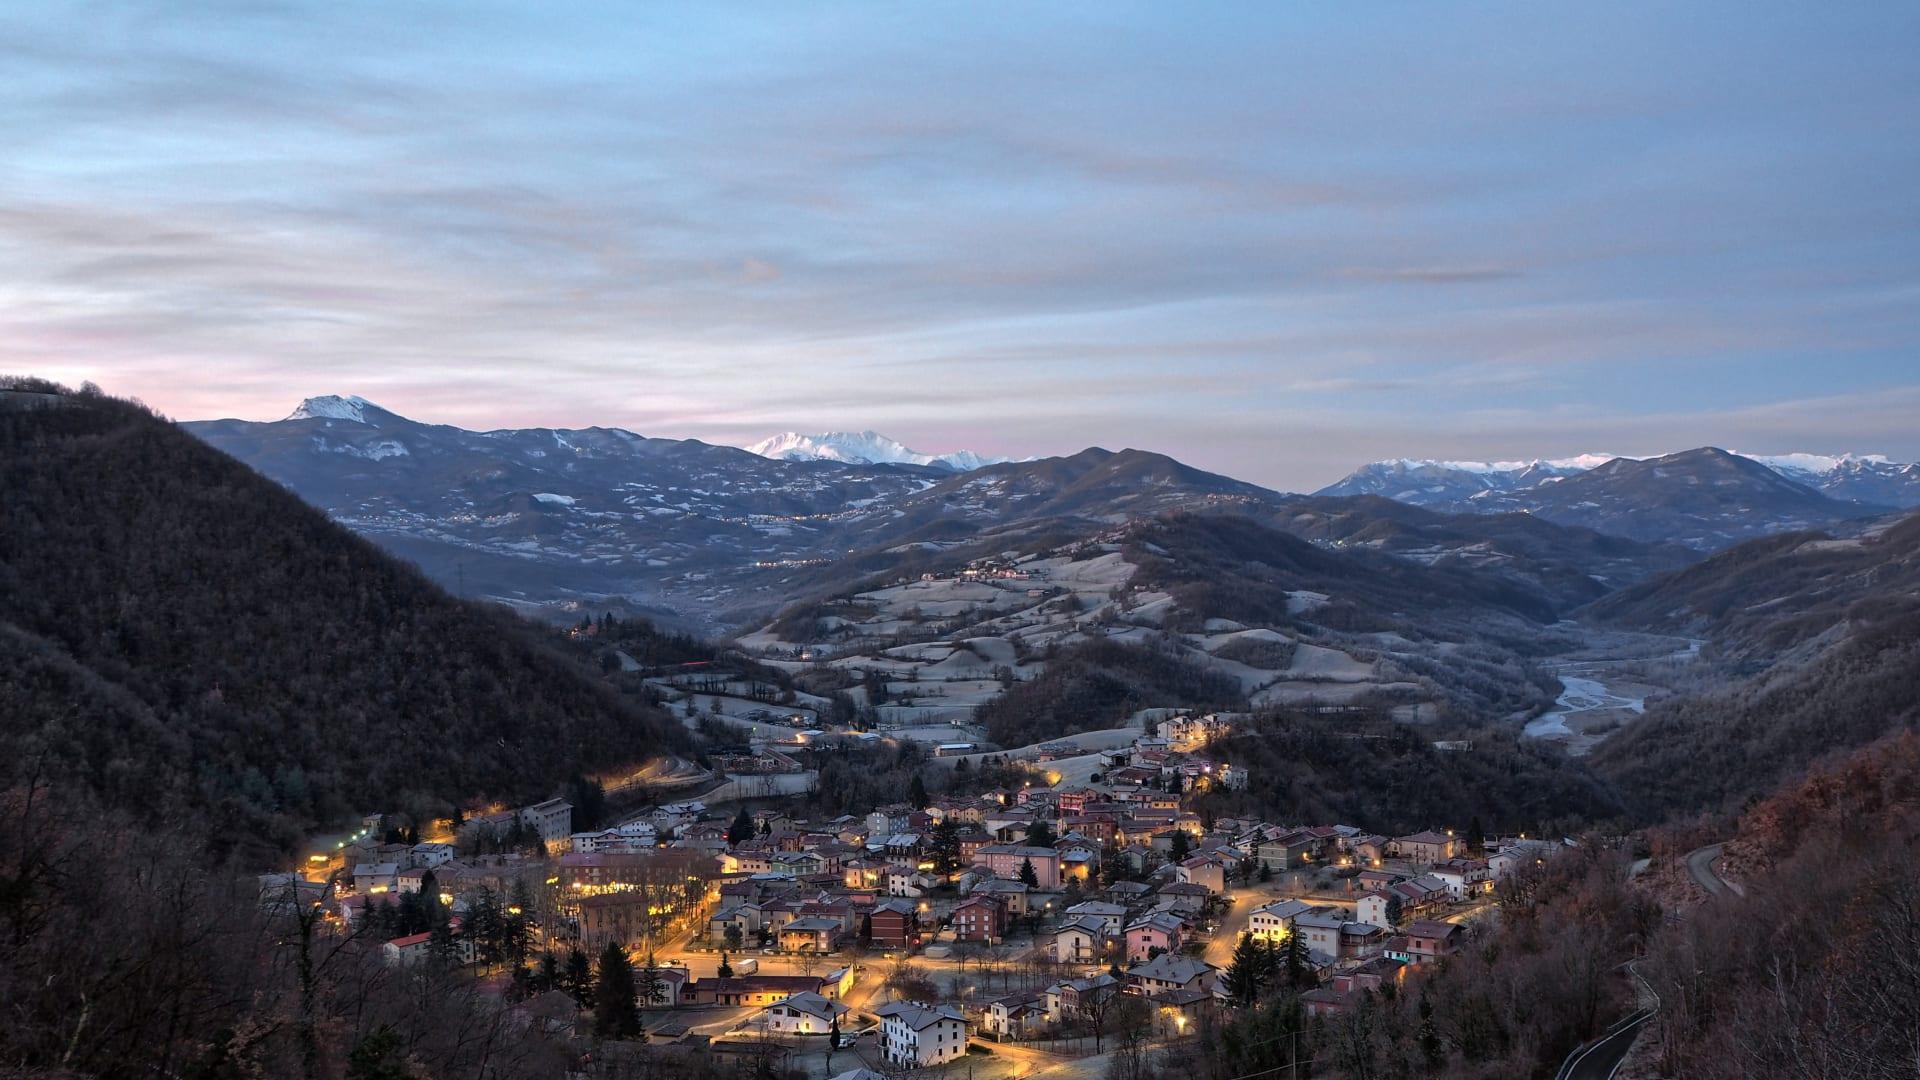 بلدة خالية من فيروس كورونا في إيطاليا تبيع المنازل مجاناً تقريباً